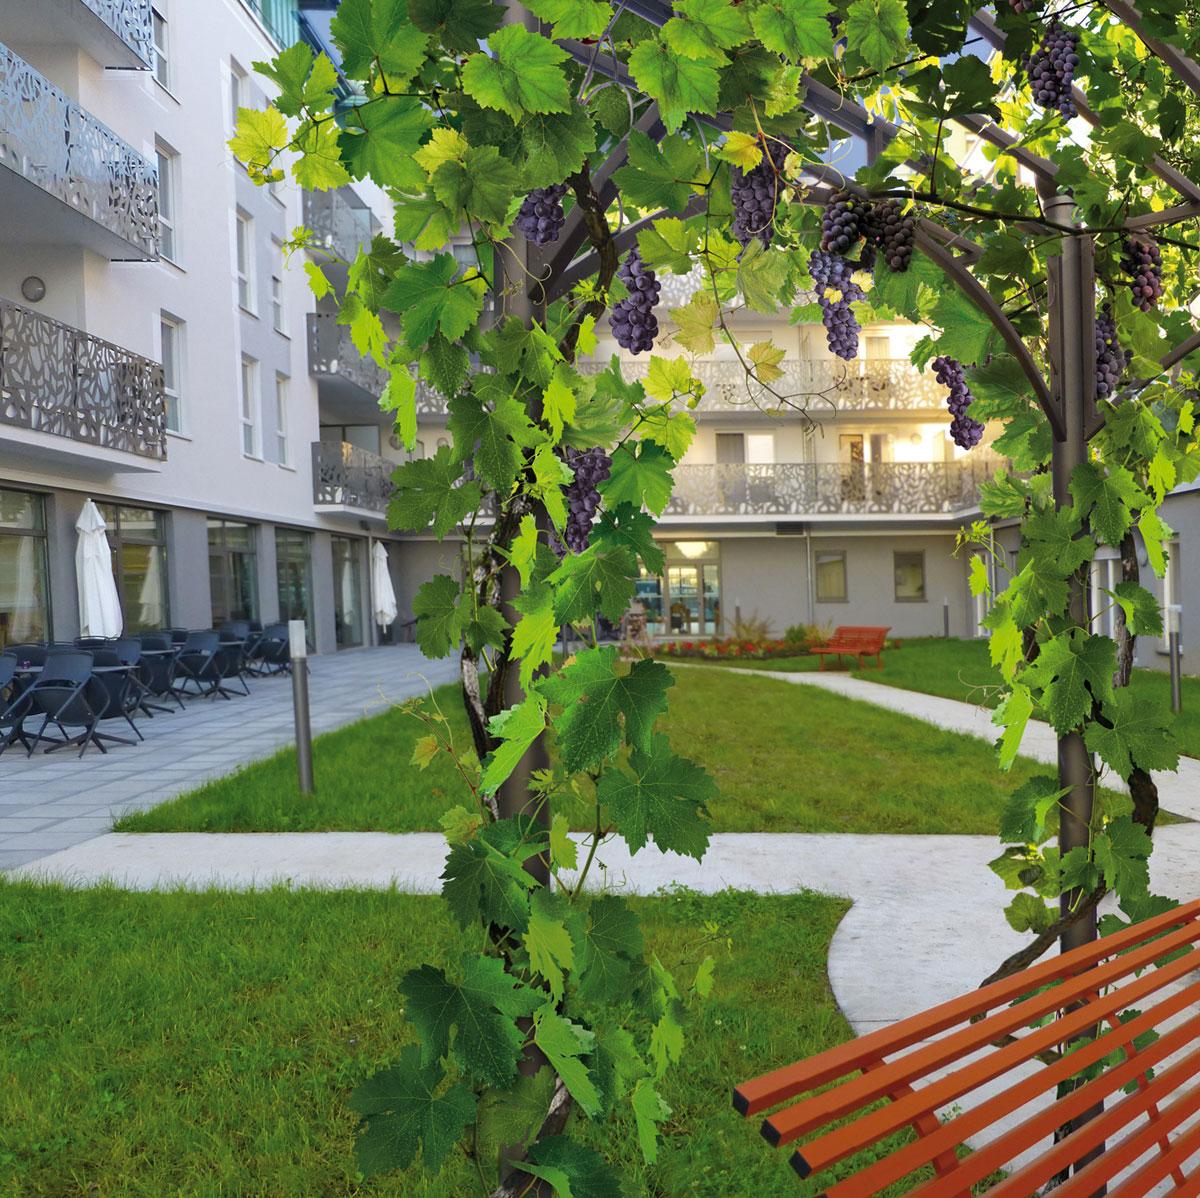 Jardin potager ou jardin d ornement vertumne paysage for Carre jardin